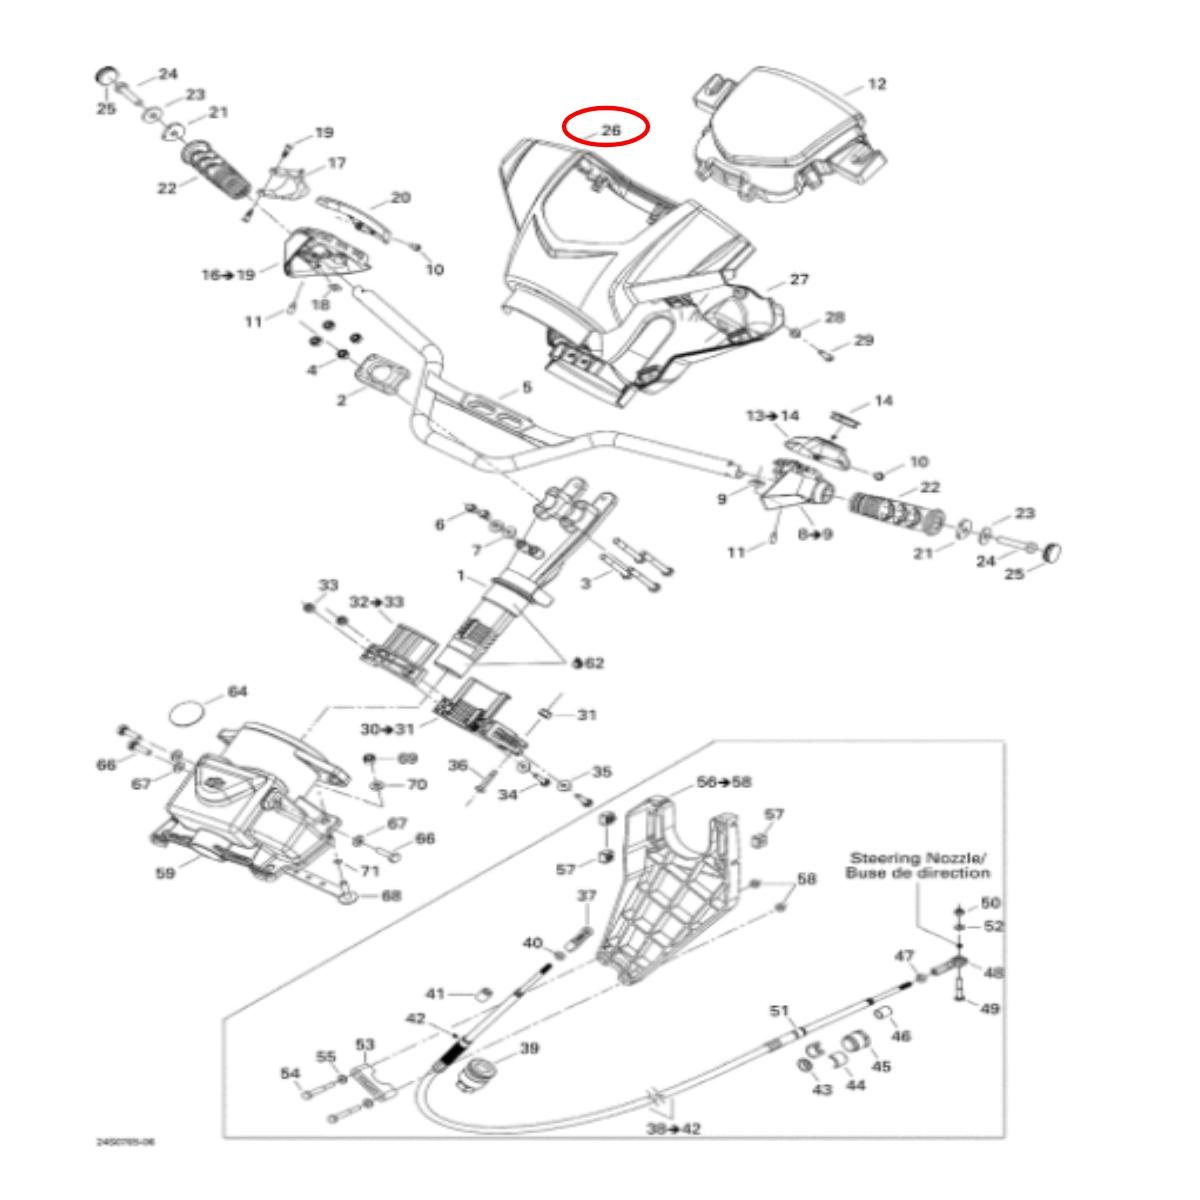 Capa Guidao Superior Sea Doo Gti/Gtx/Rxt 4 Tec  - Radical Peças - Peças para Jet Ski